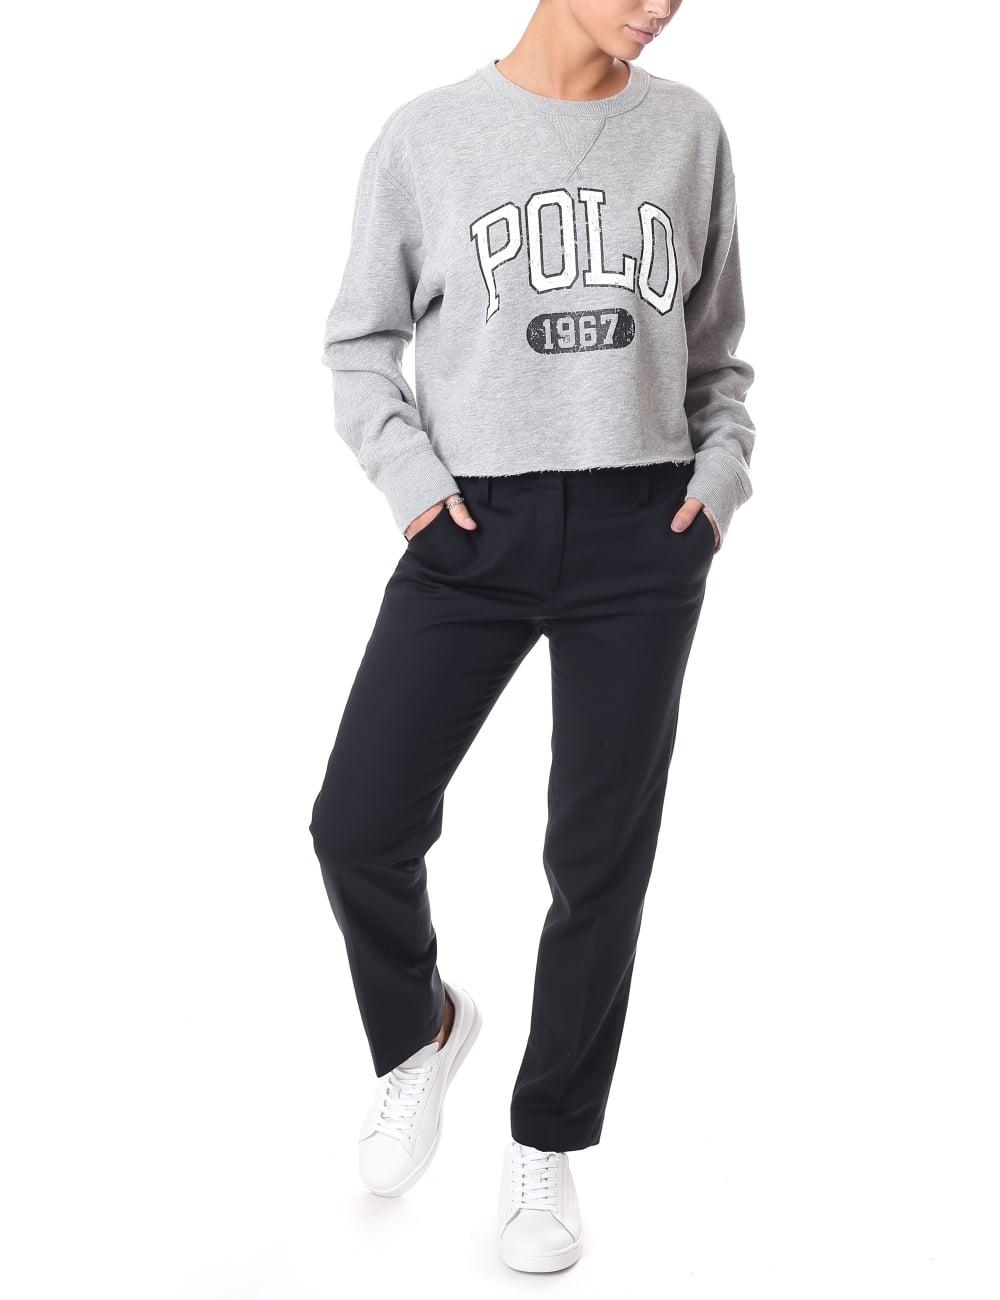 29e0388c Polo Ralph Lauren Women's Cropped Logo Sweat Top